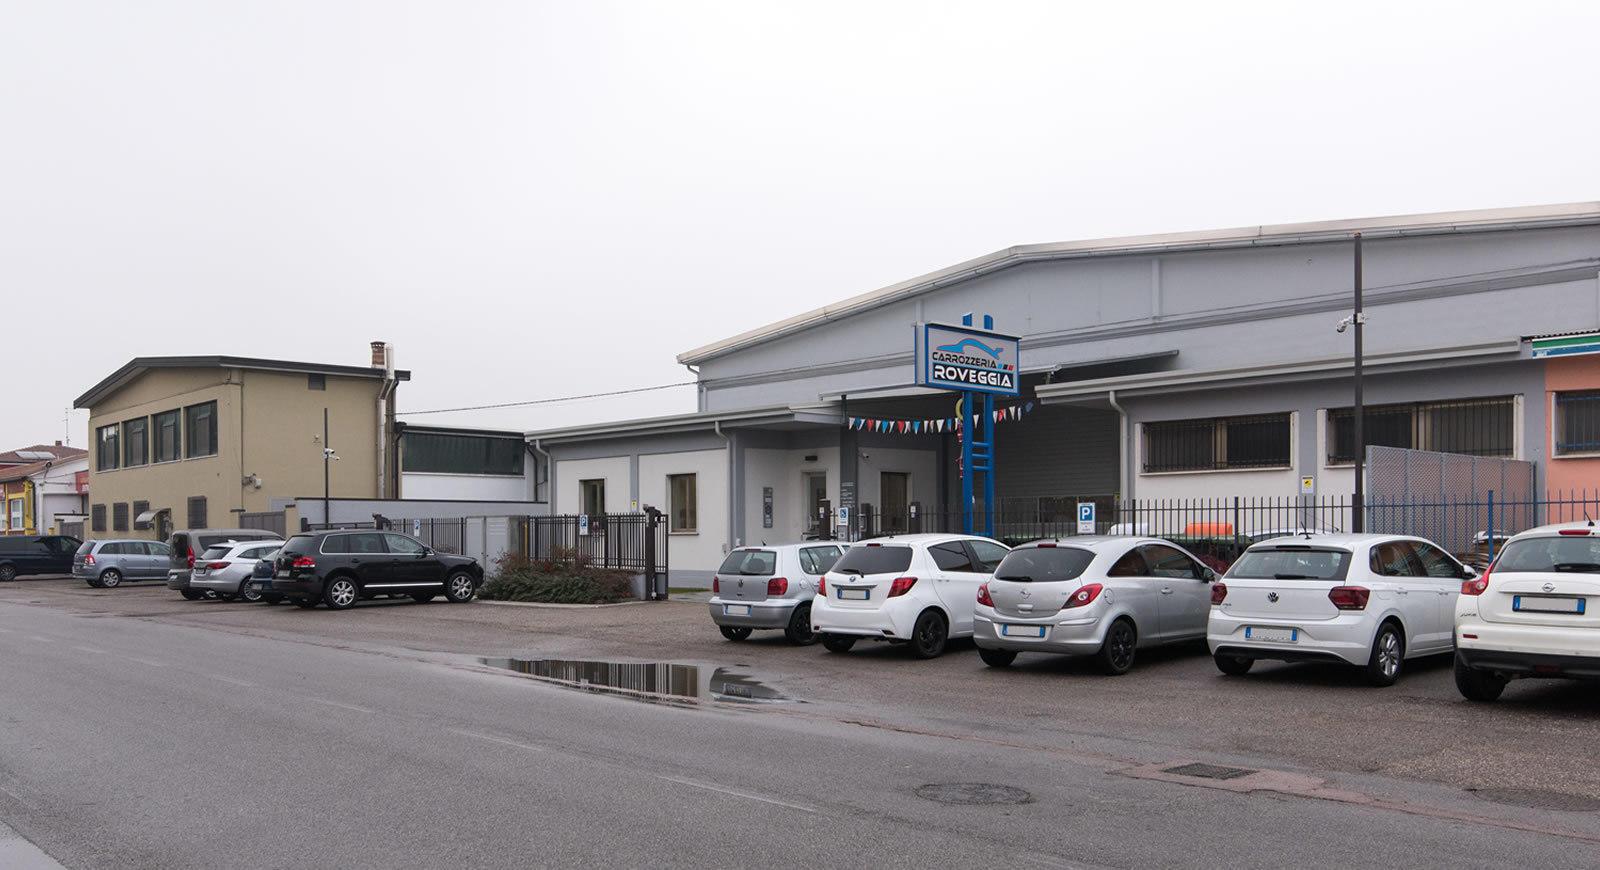 Carrozzeria Roveggia - Riparazioni di carrozzeria per la tua auto a Verona